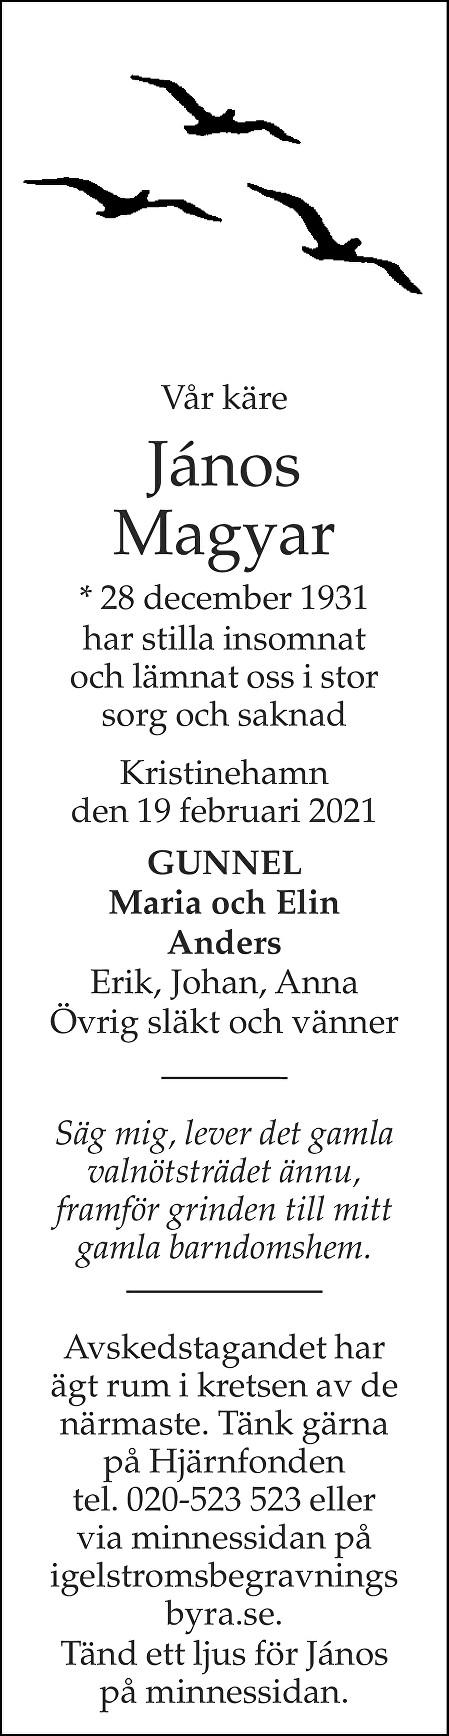 János Magyar Death notice